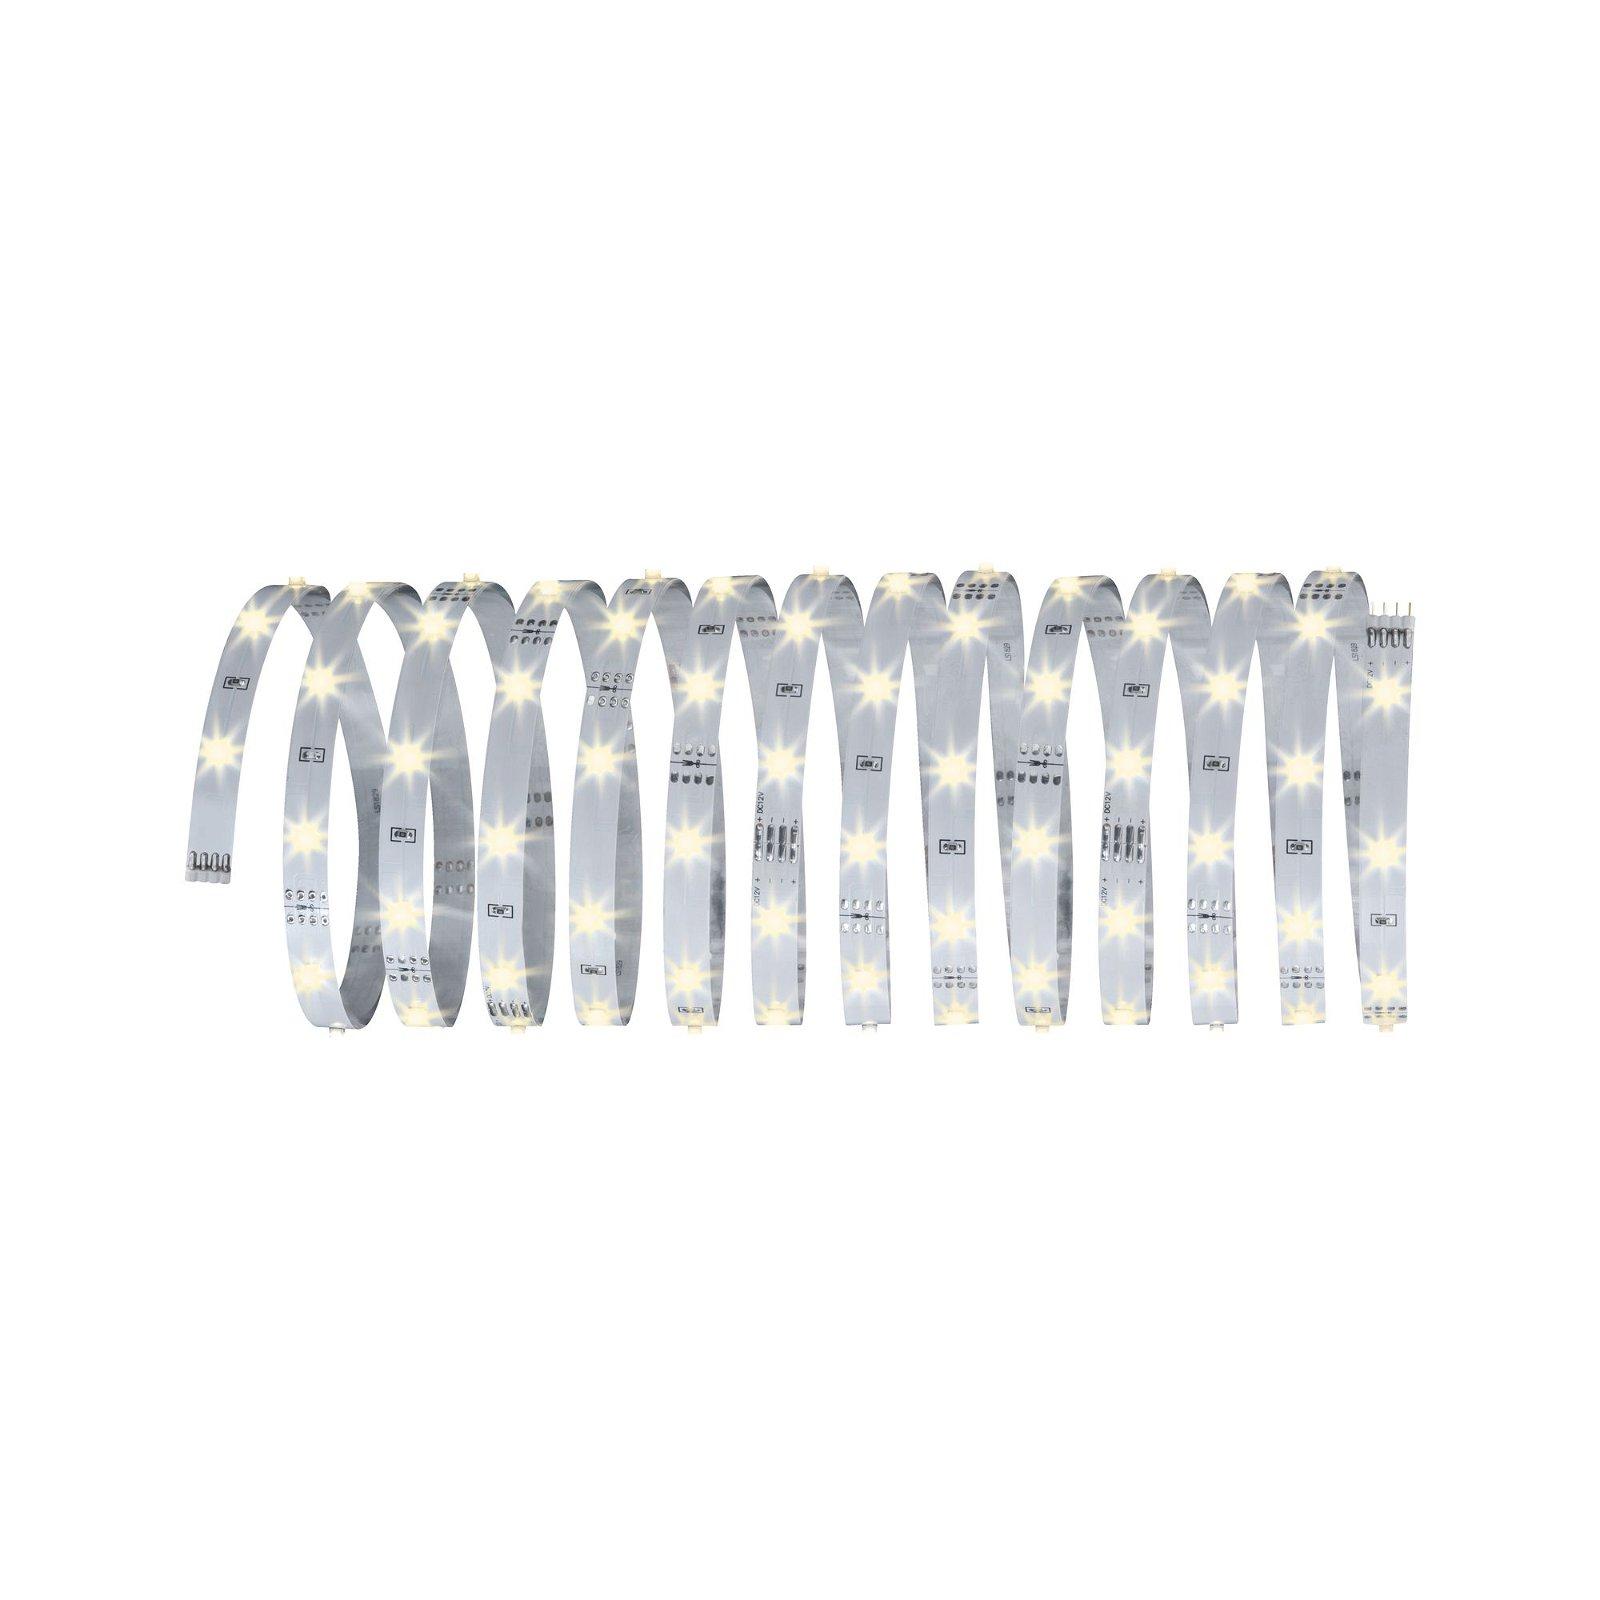 YourLED ECO LED Strip Warmweiß 5m 10,5W 156lm/m 3000K